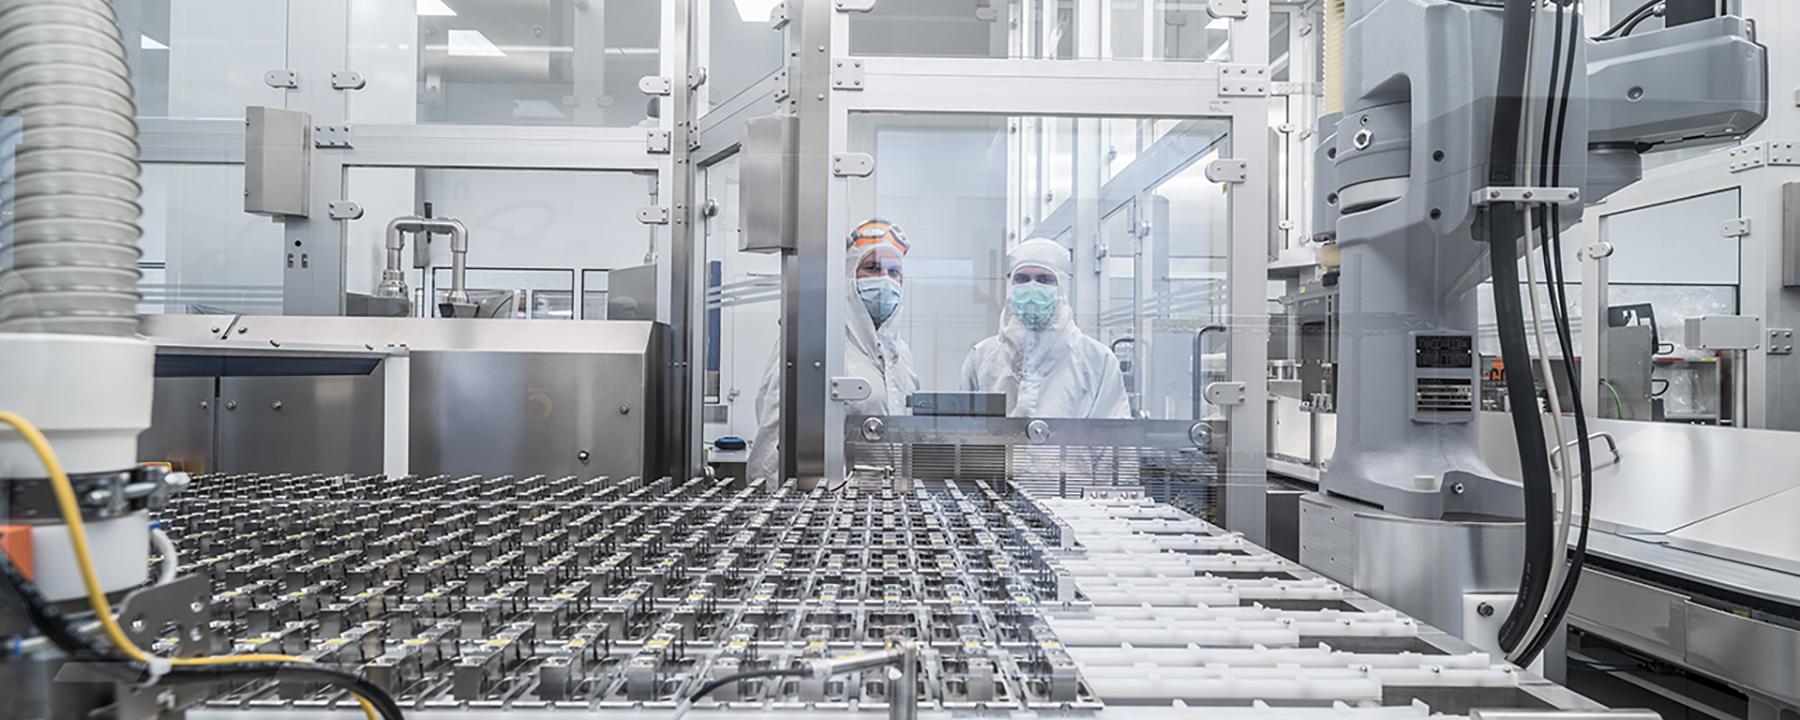 Branchenspezifisches Know-how dank langjähriger Erfahrung in der MedTech-, Life Science- und Pharmaindustrie